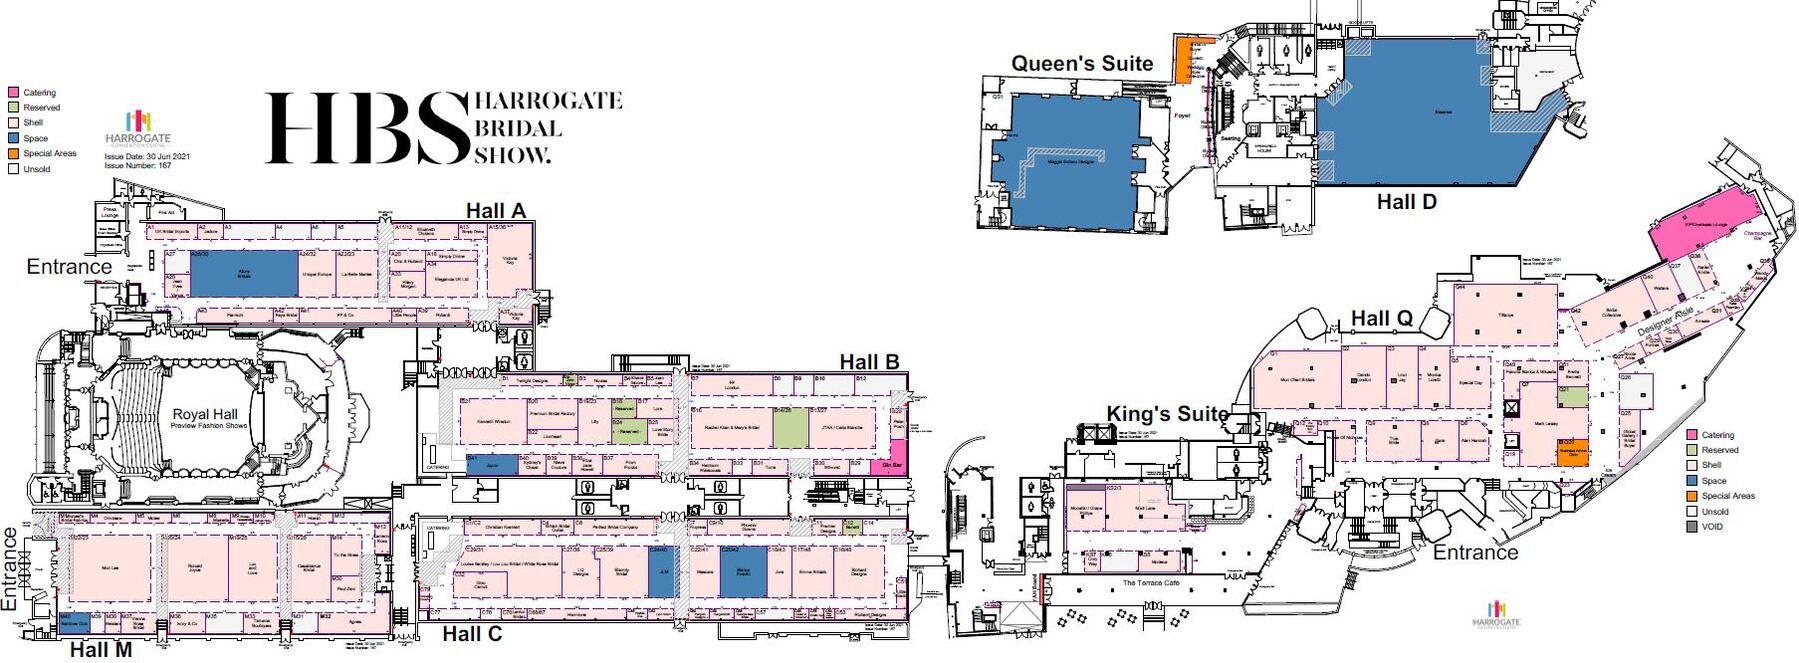 HBS 2021 floorplan 30.06.21.JPG